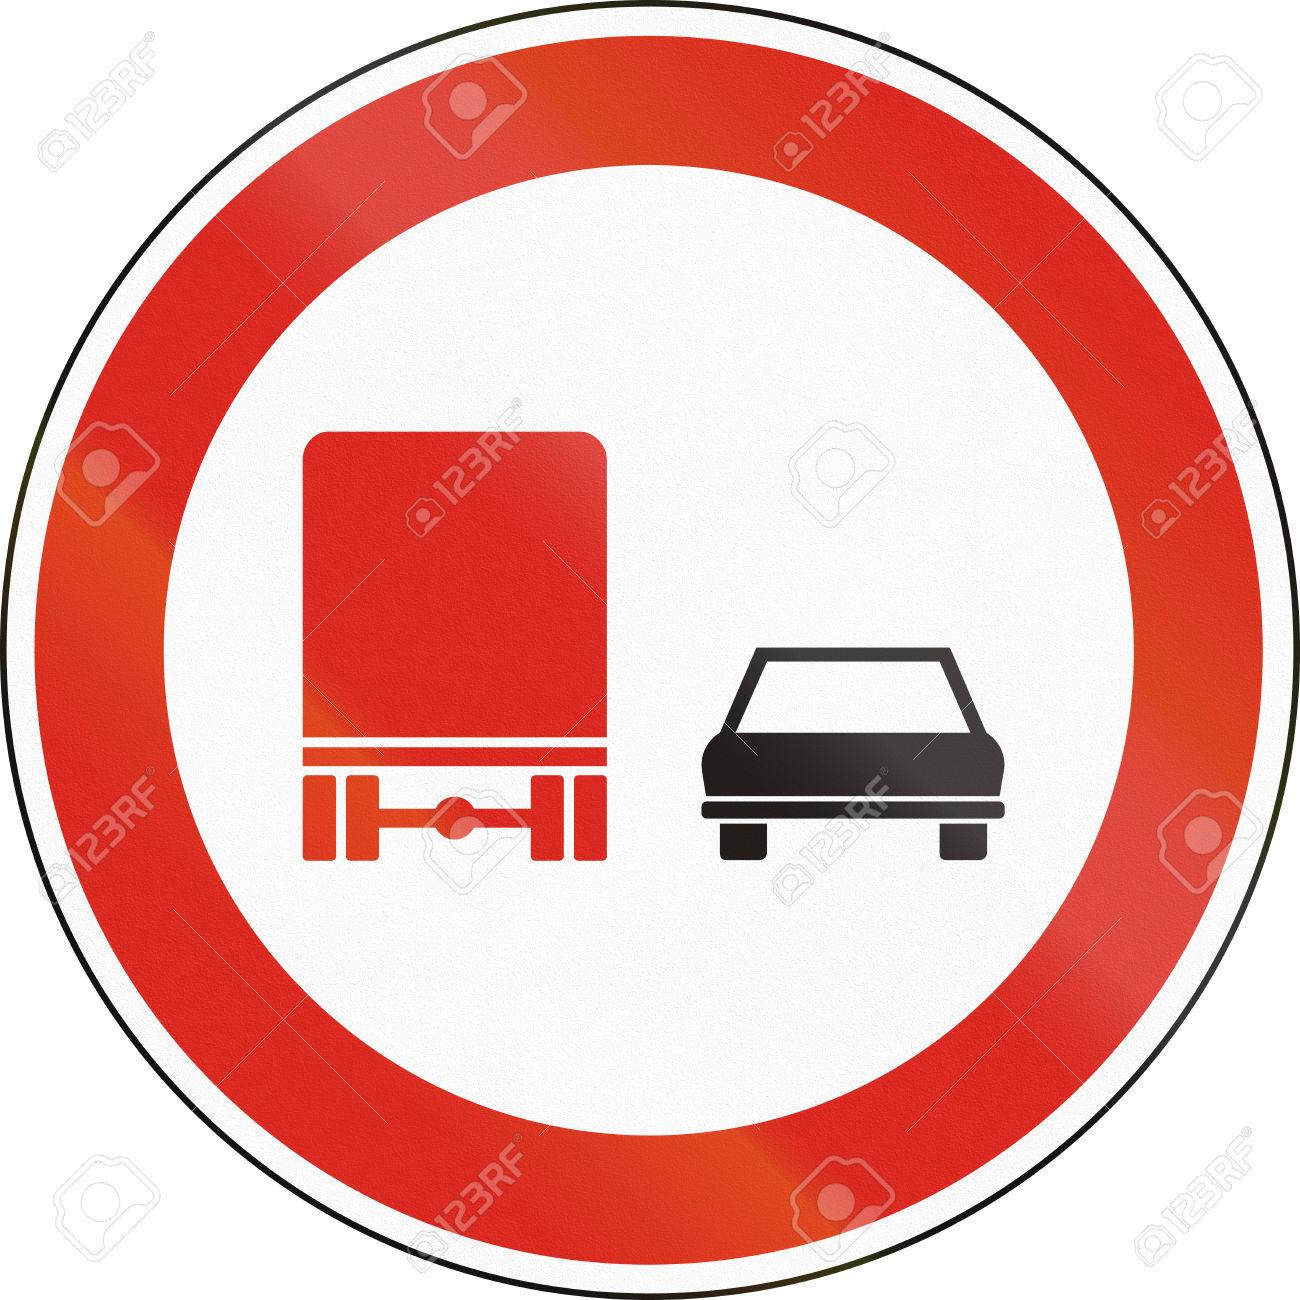 Hungarian Regulatory Road Sign.